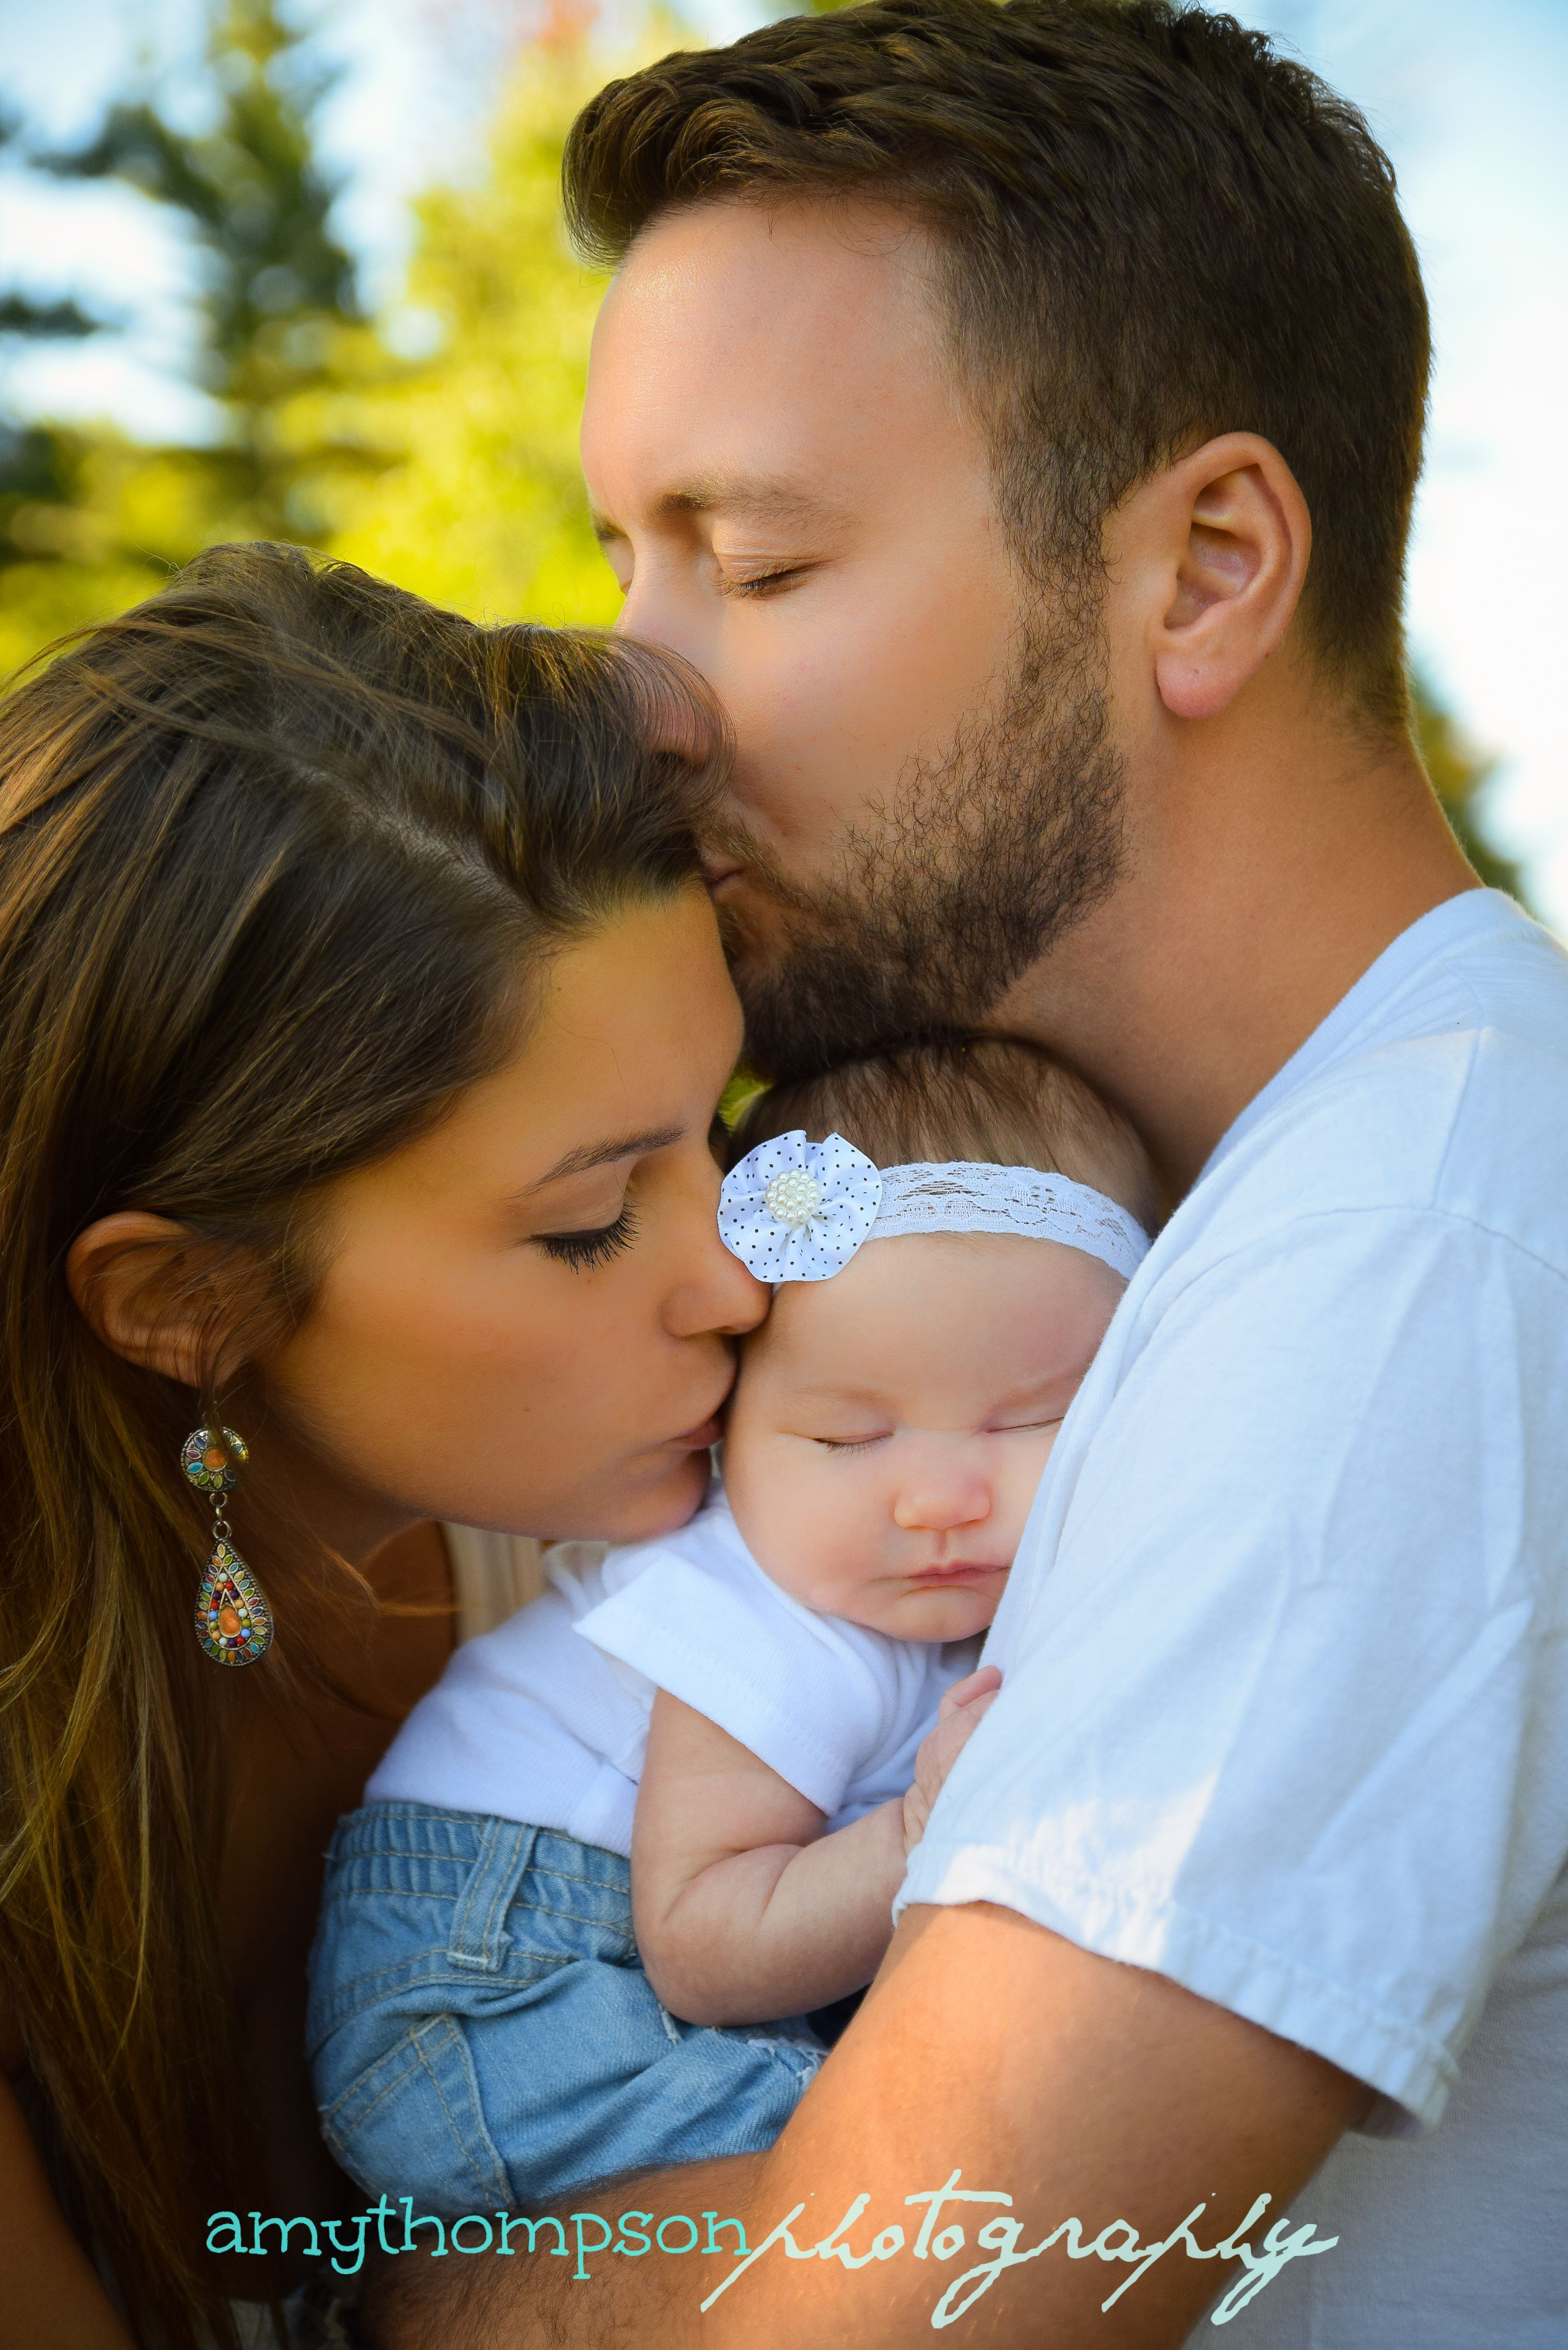 Ejercicios practicos para combatir la ansiedad childrenphotography family